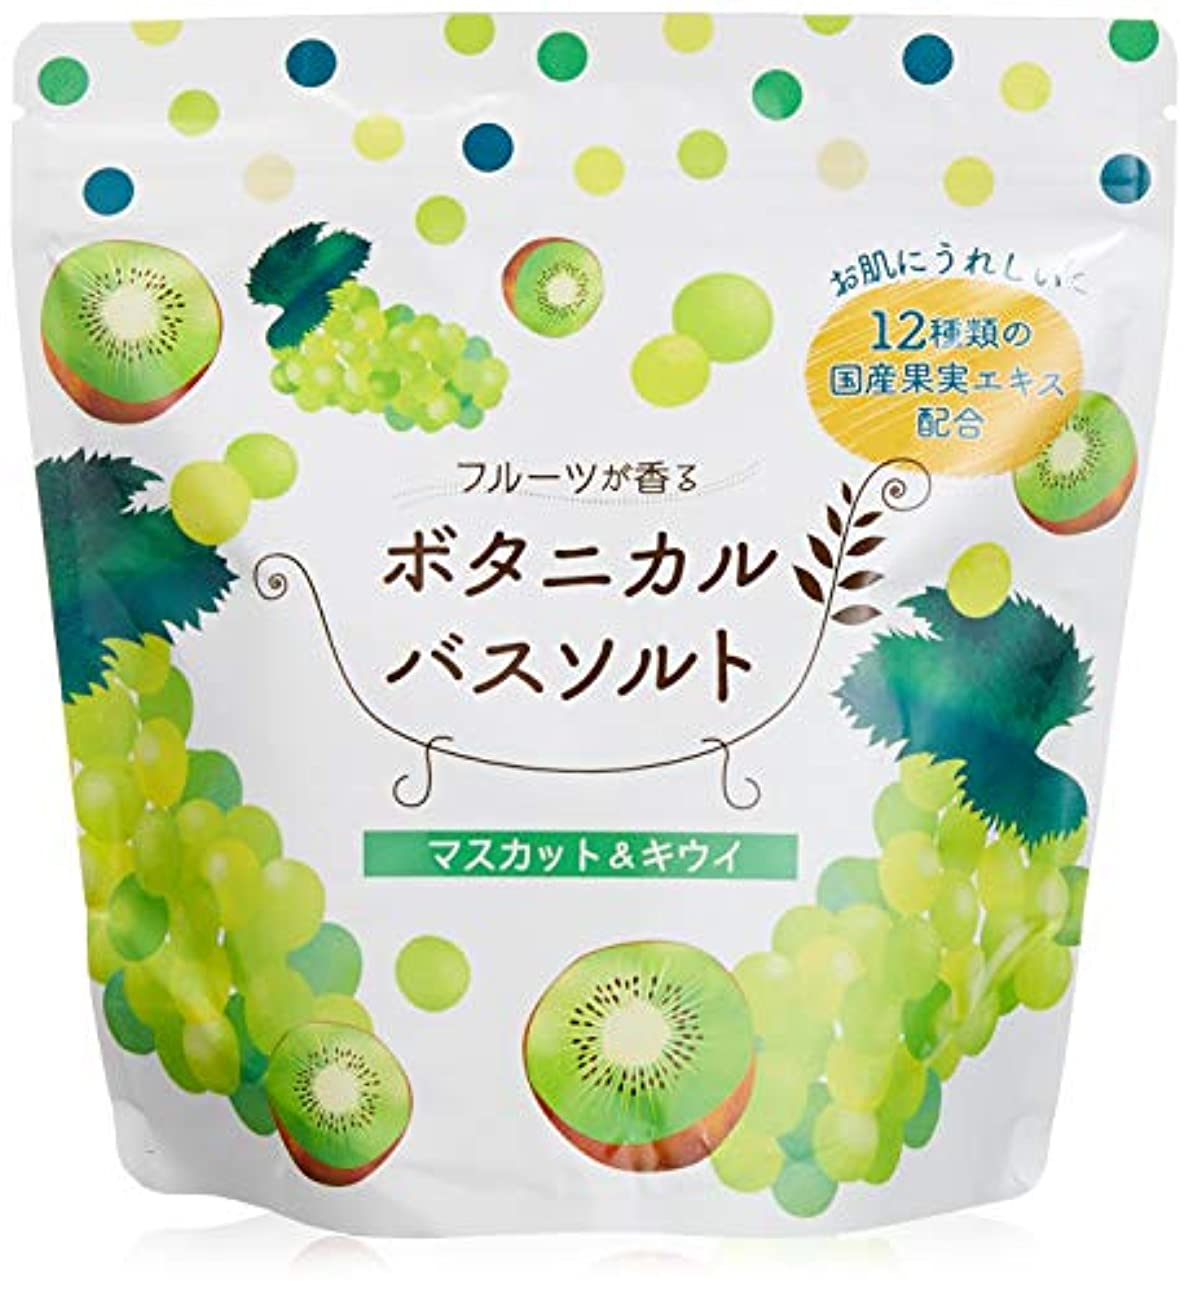 専門地域の去る松田医薬品 フルーツが香るボタニカルバスソルト マスカット&キウイ 450g